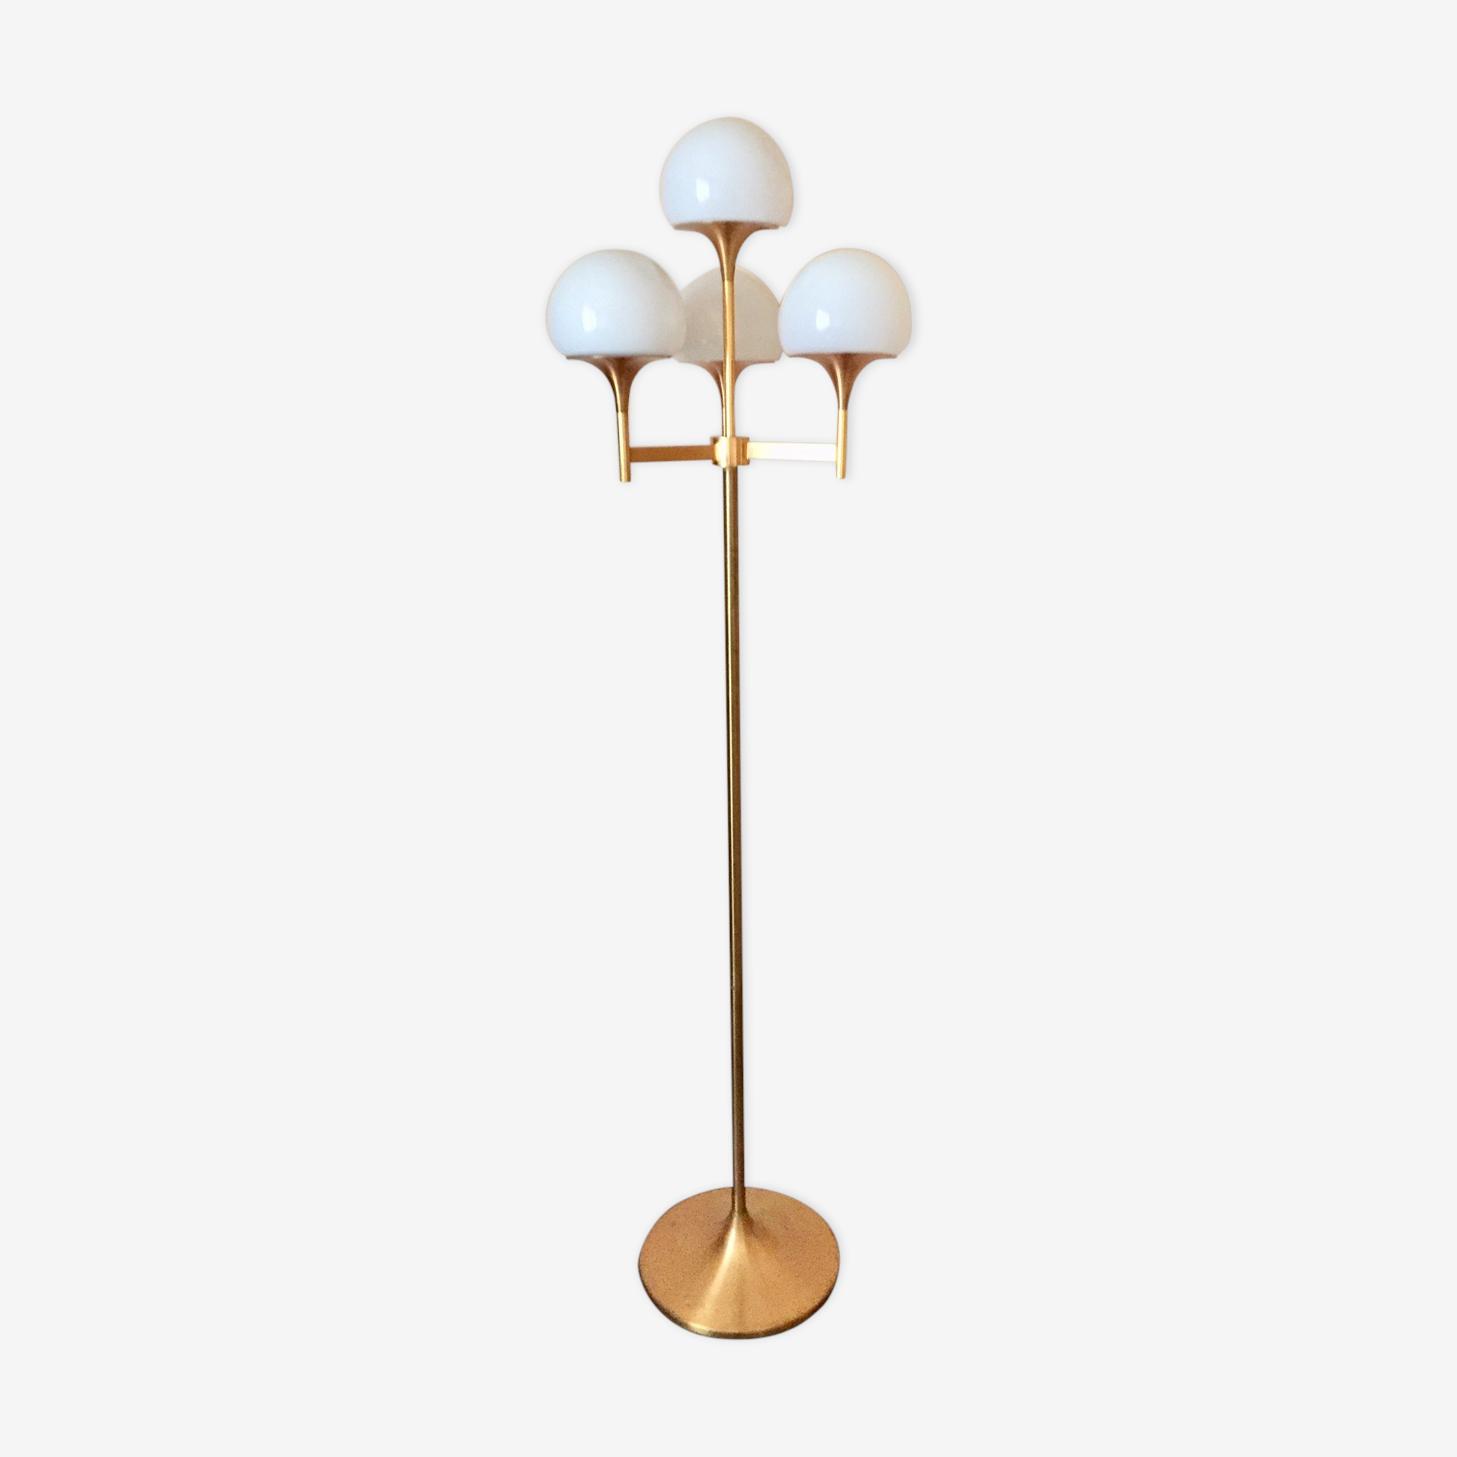 Lampadaire doré design Italien années 70